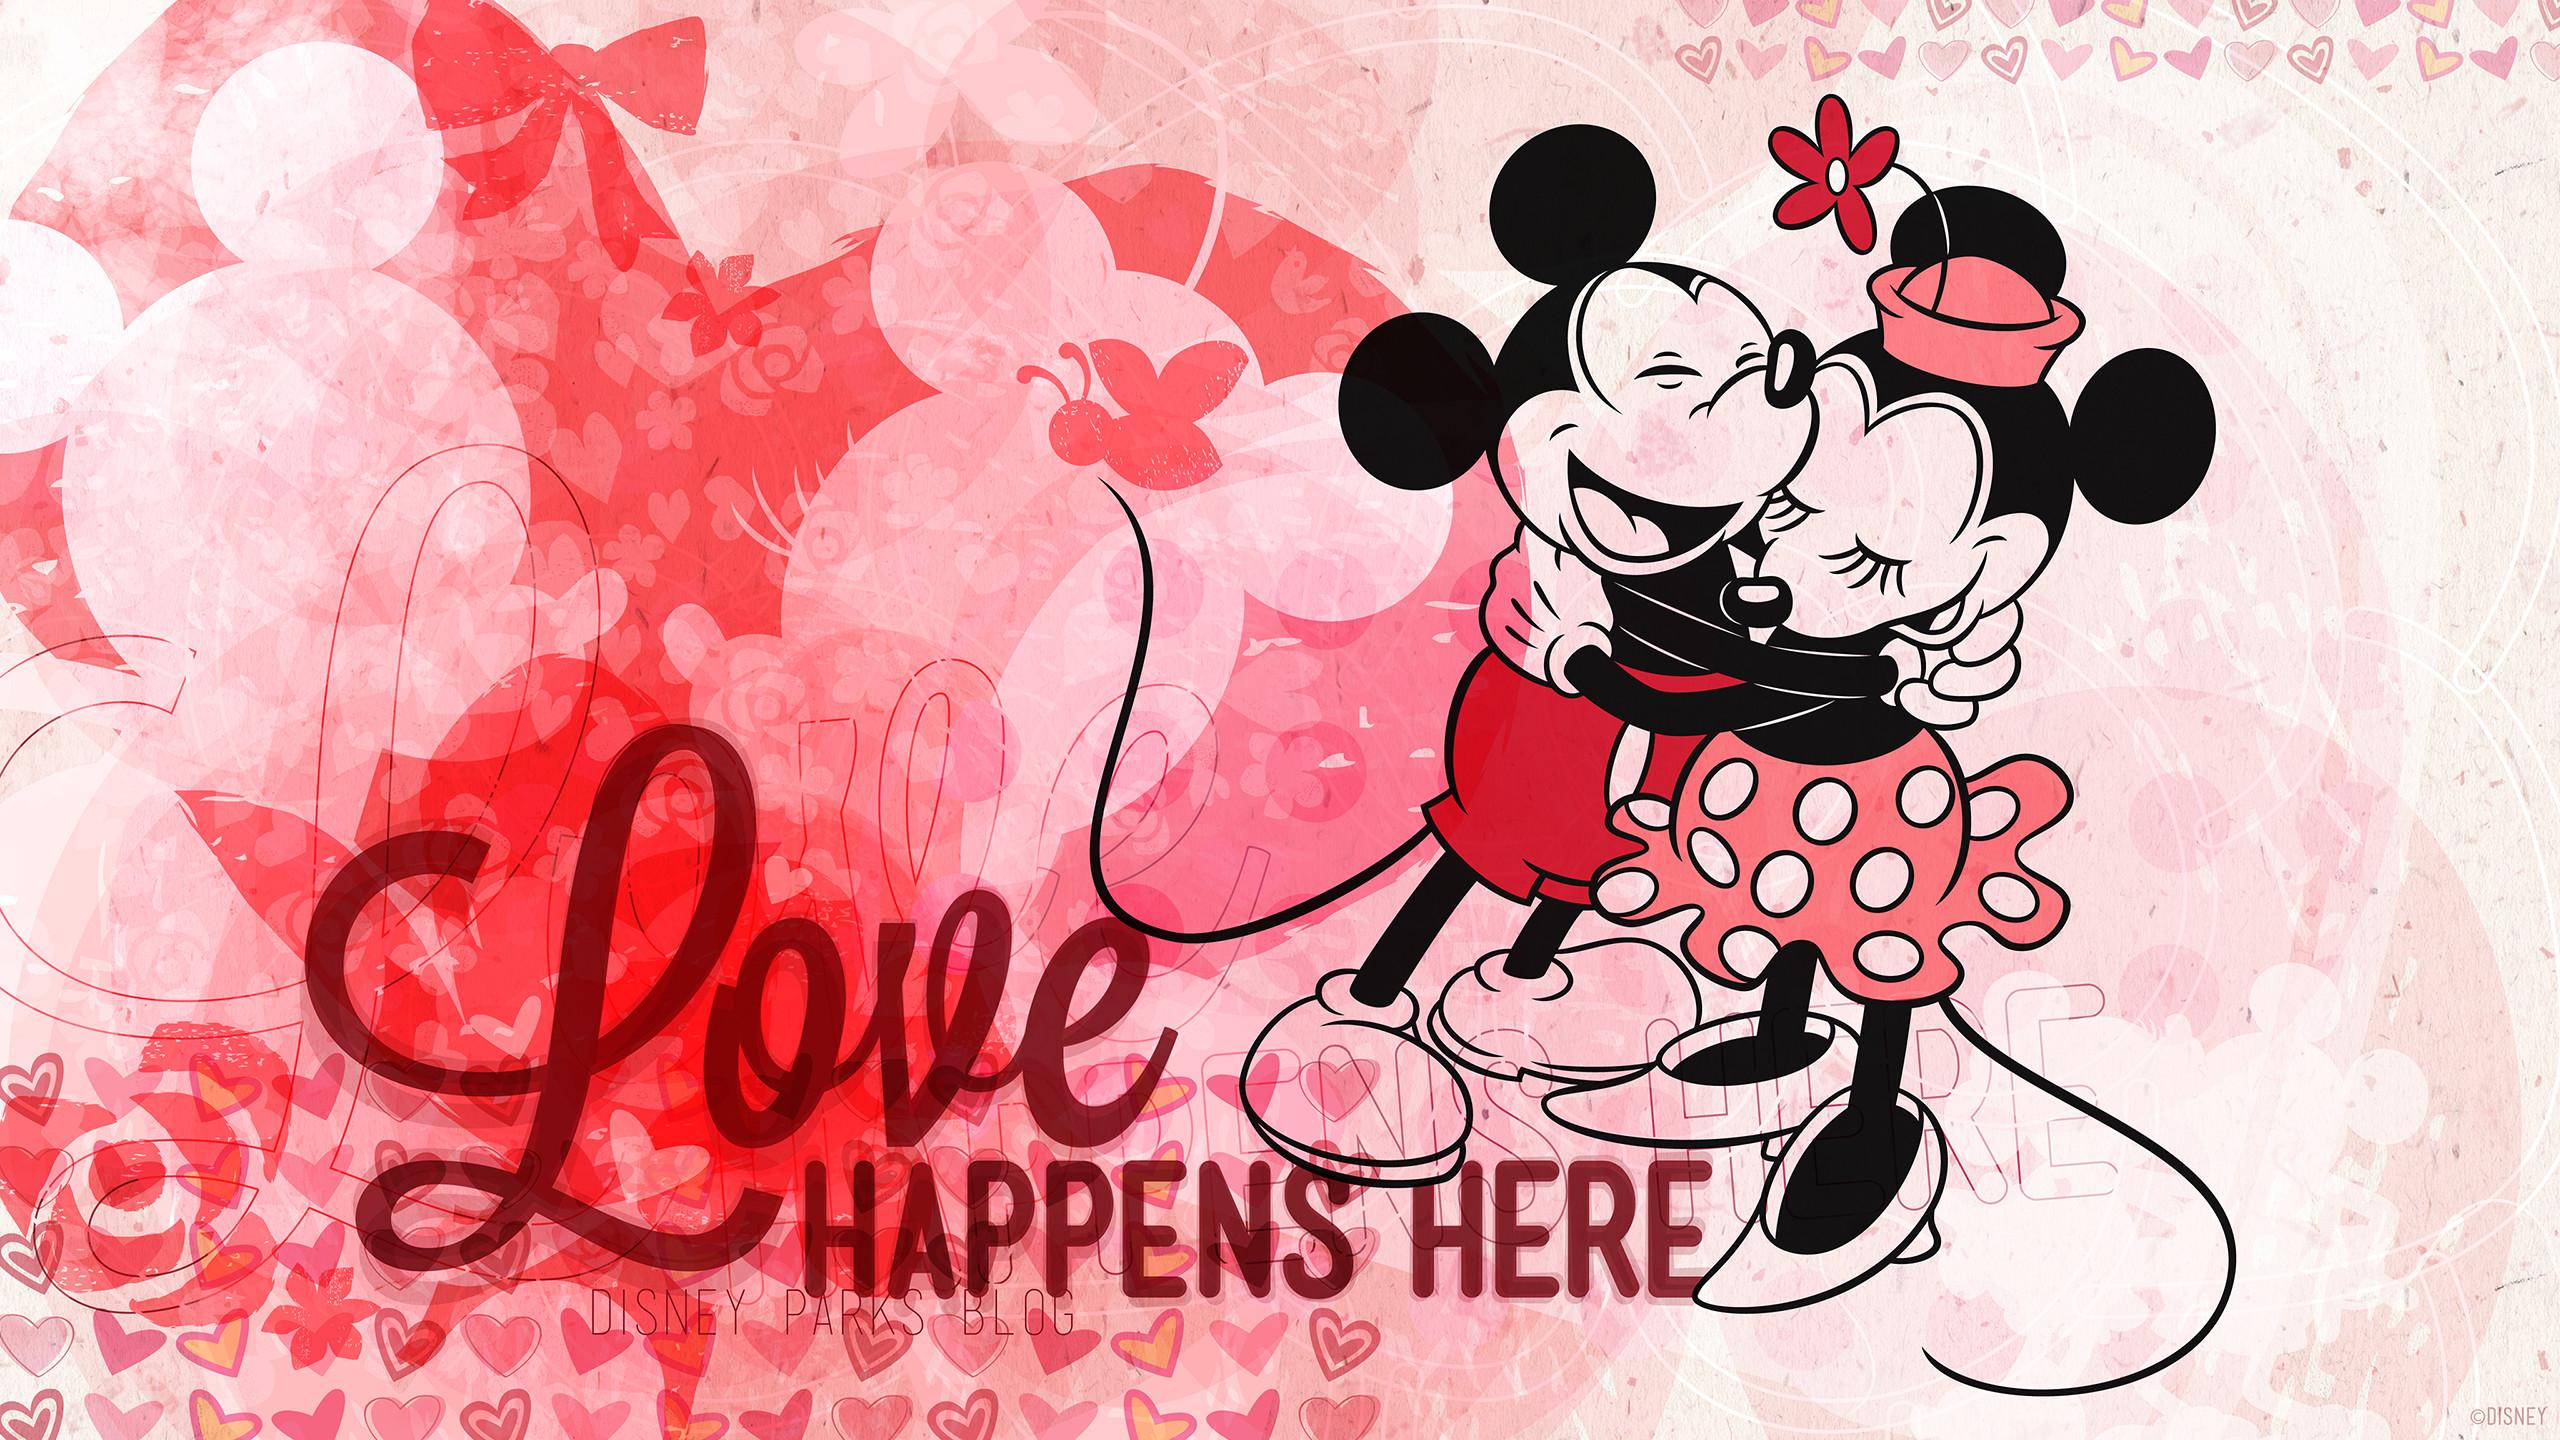 Mickey & Minnie Celebrate Valentine's Day